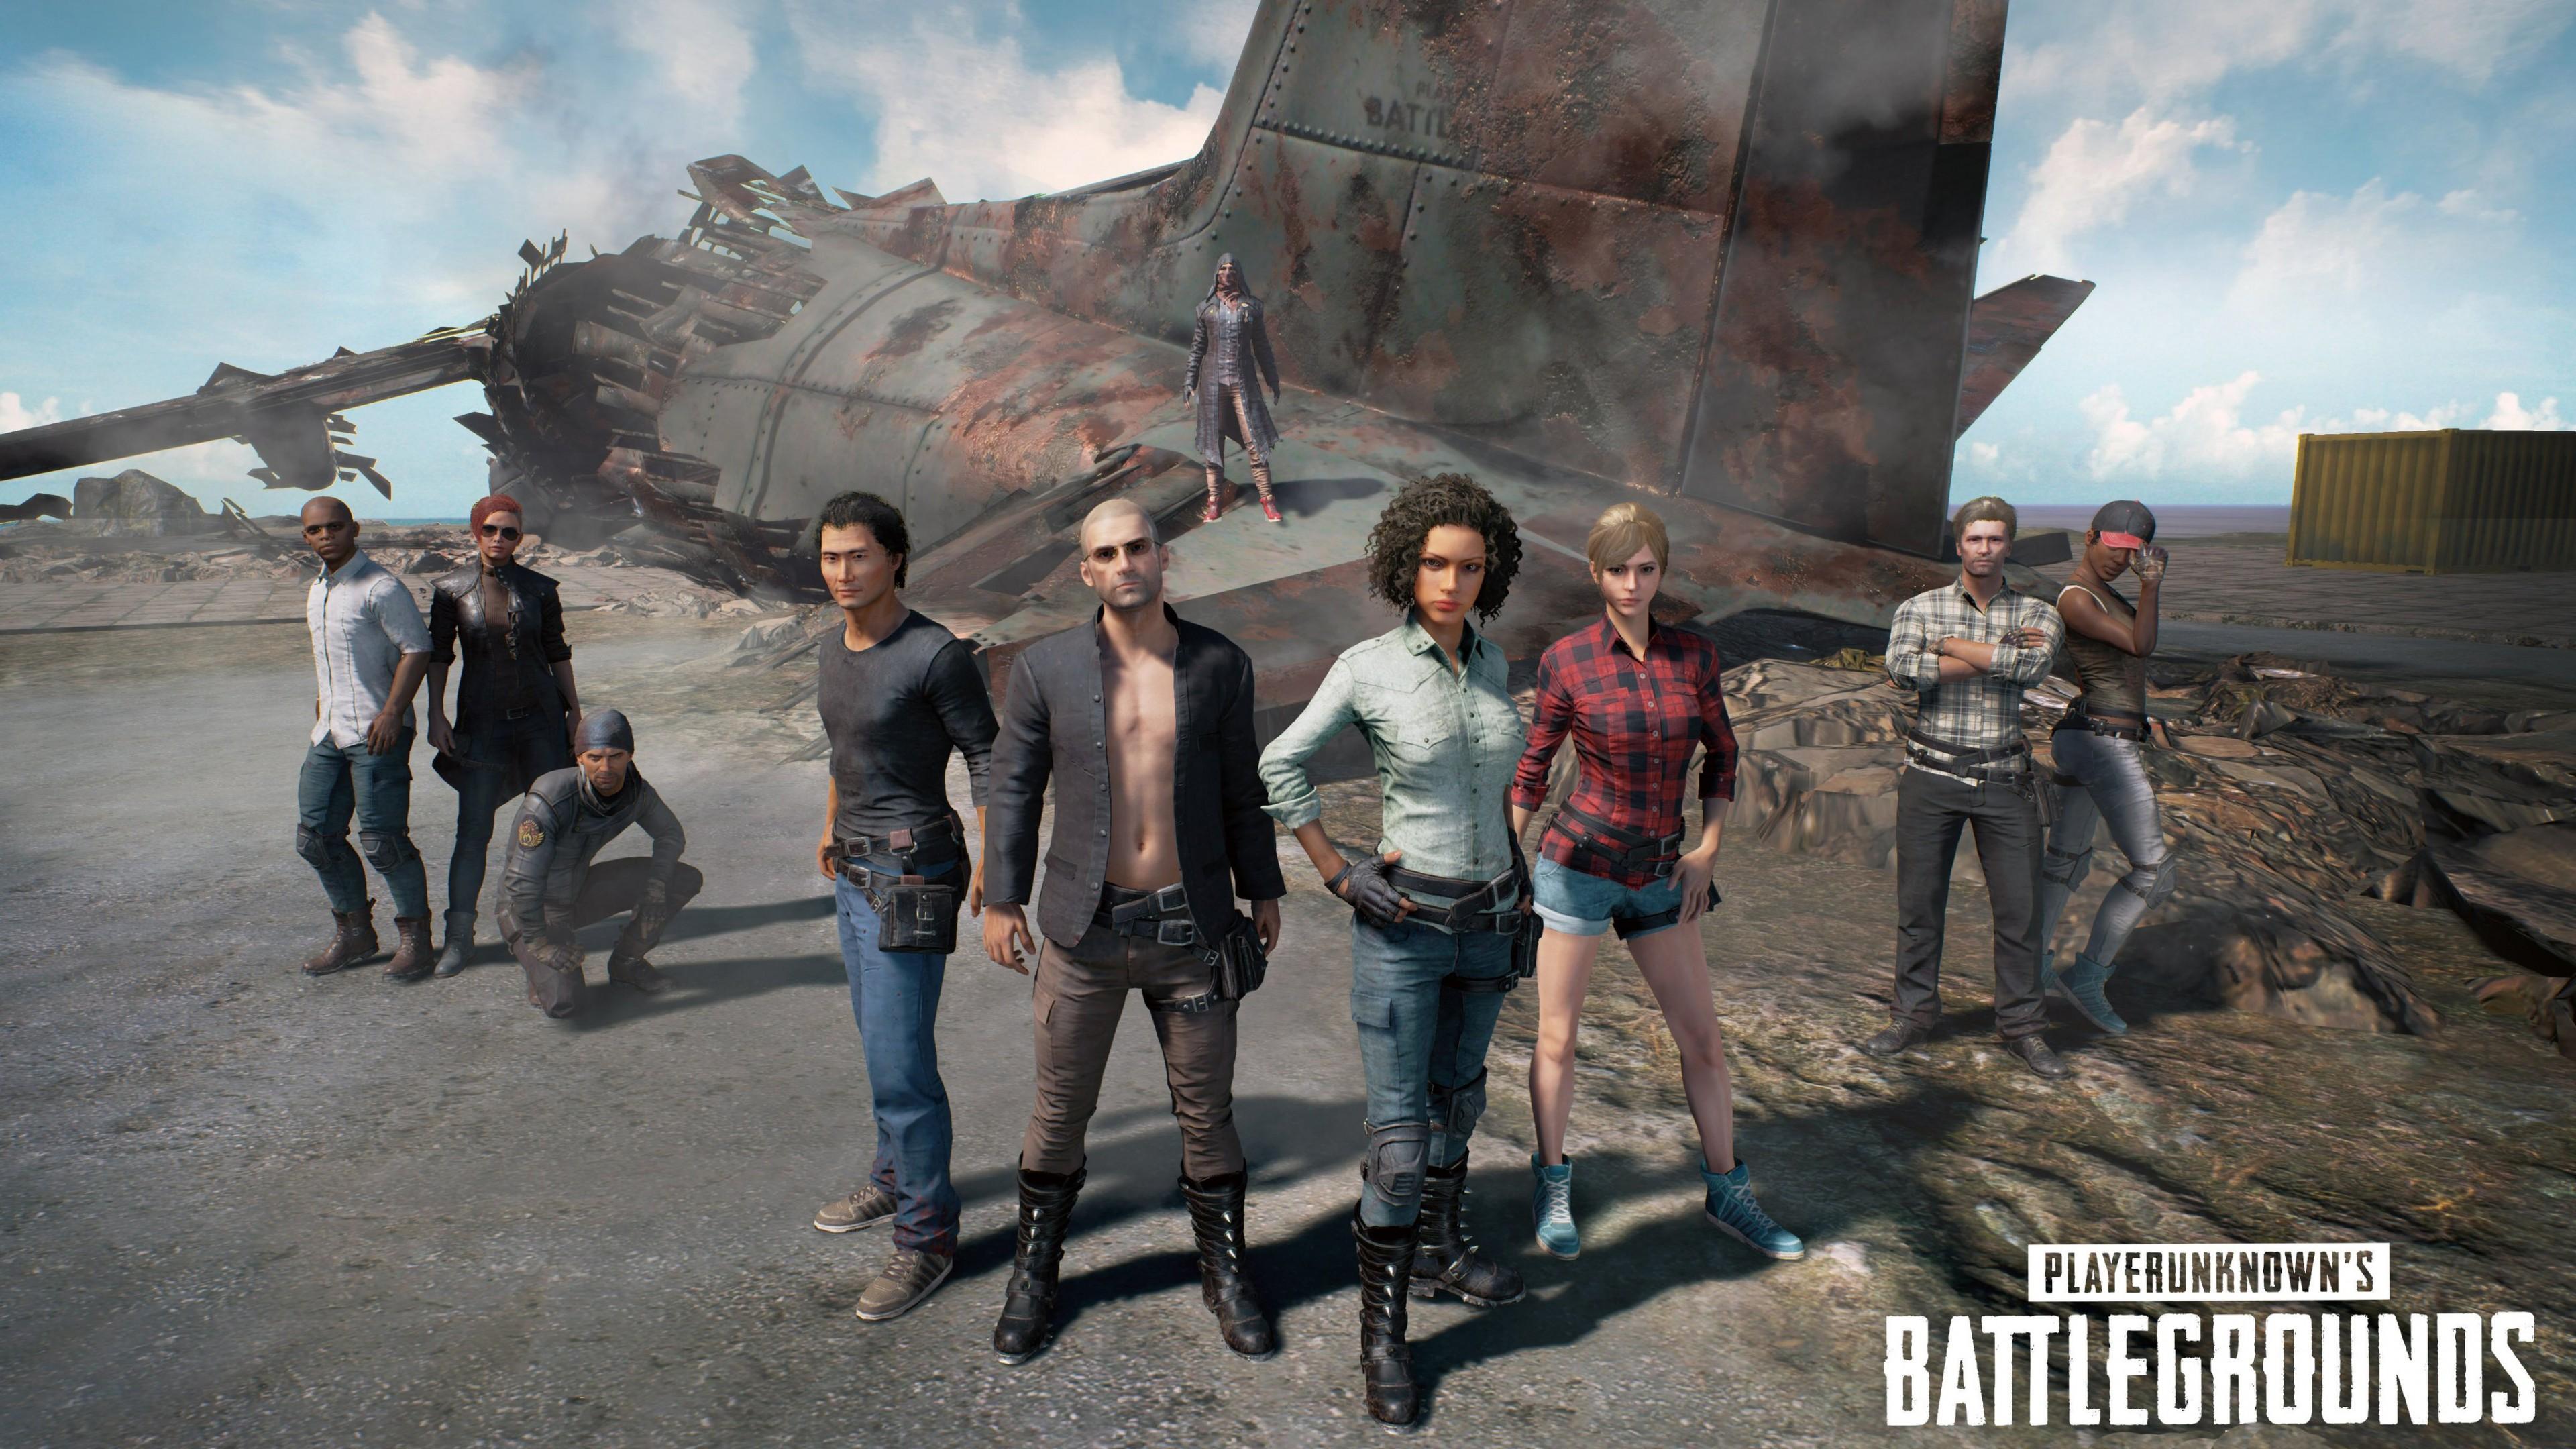 Wallpaper Playerunknown S Battlegrounds E3 2017 Screenshot 4k